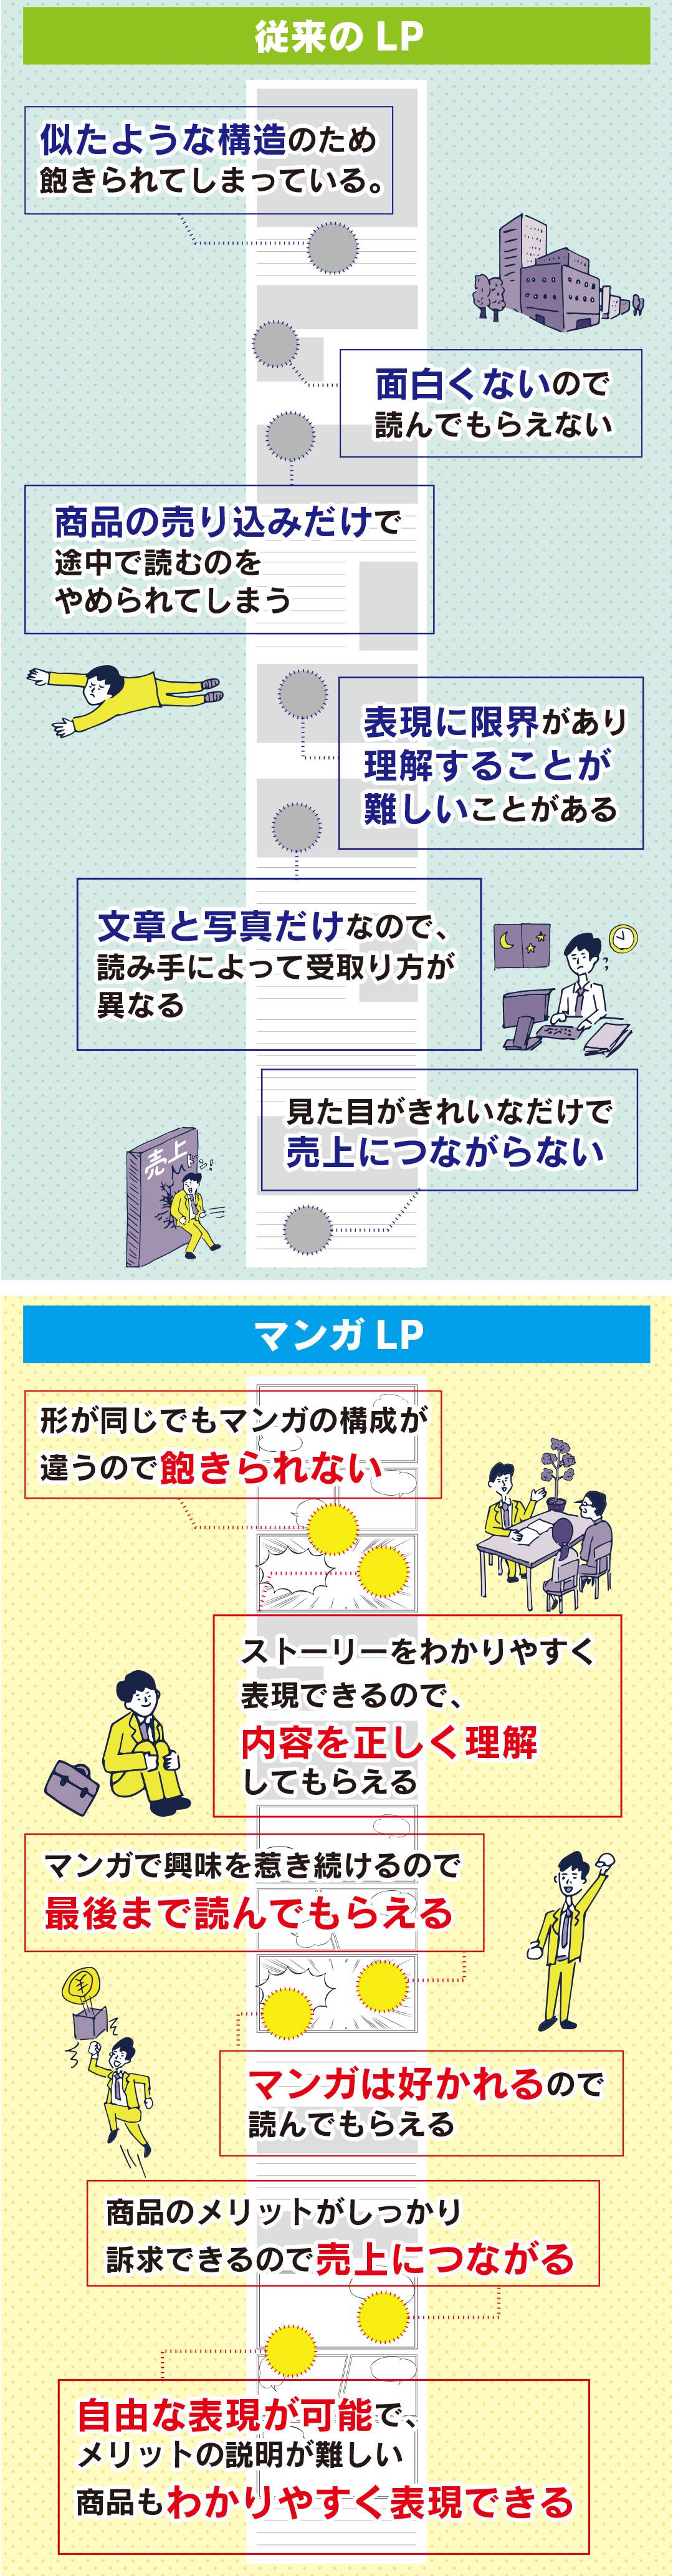 従来のLPとマンガLPとでは興味・関心・理解力で上回る。自由な表現で難しいメリットも理解してもらいやすい。